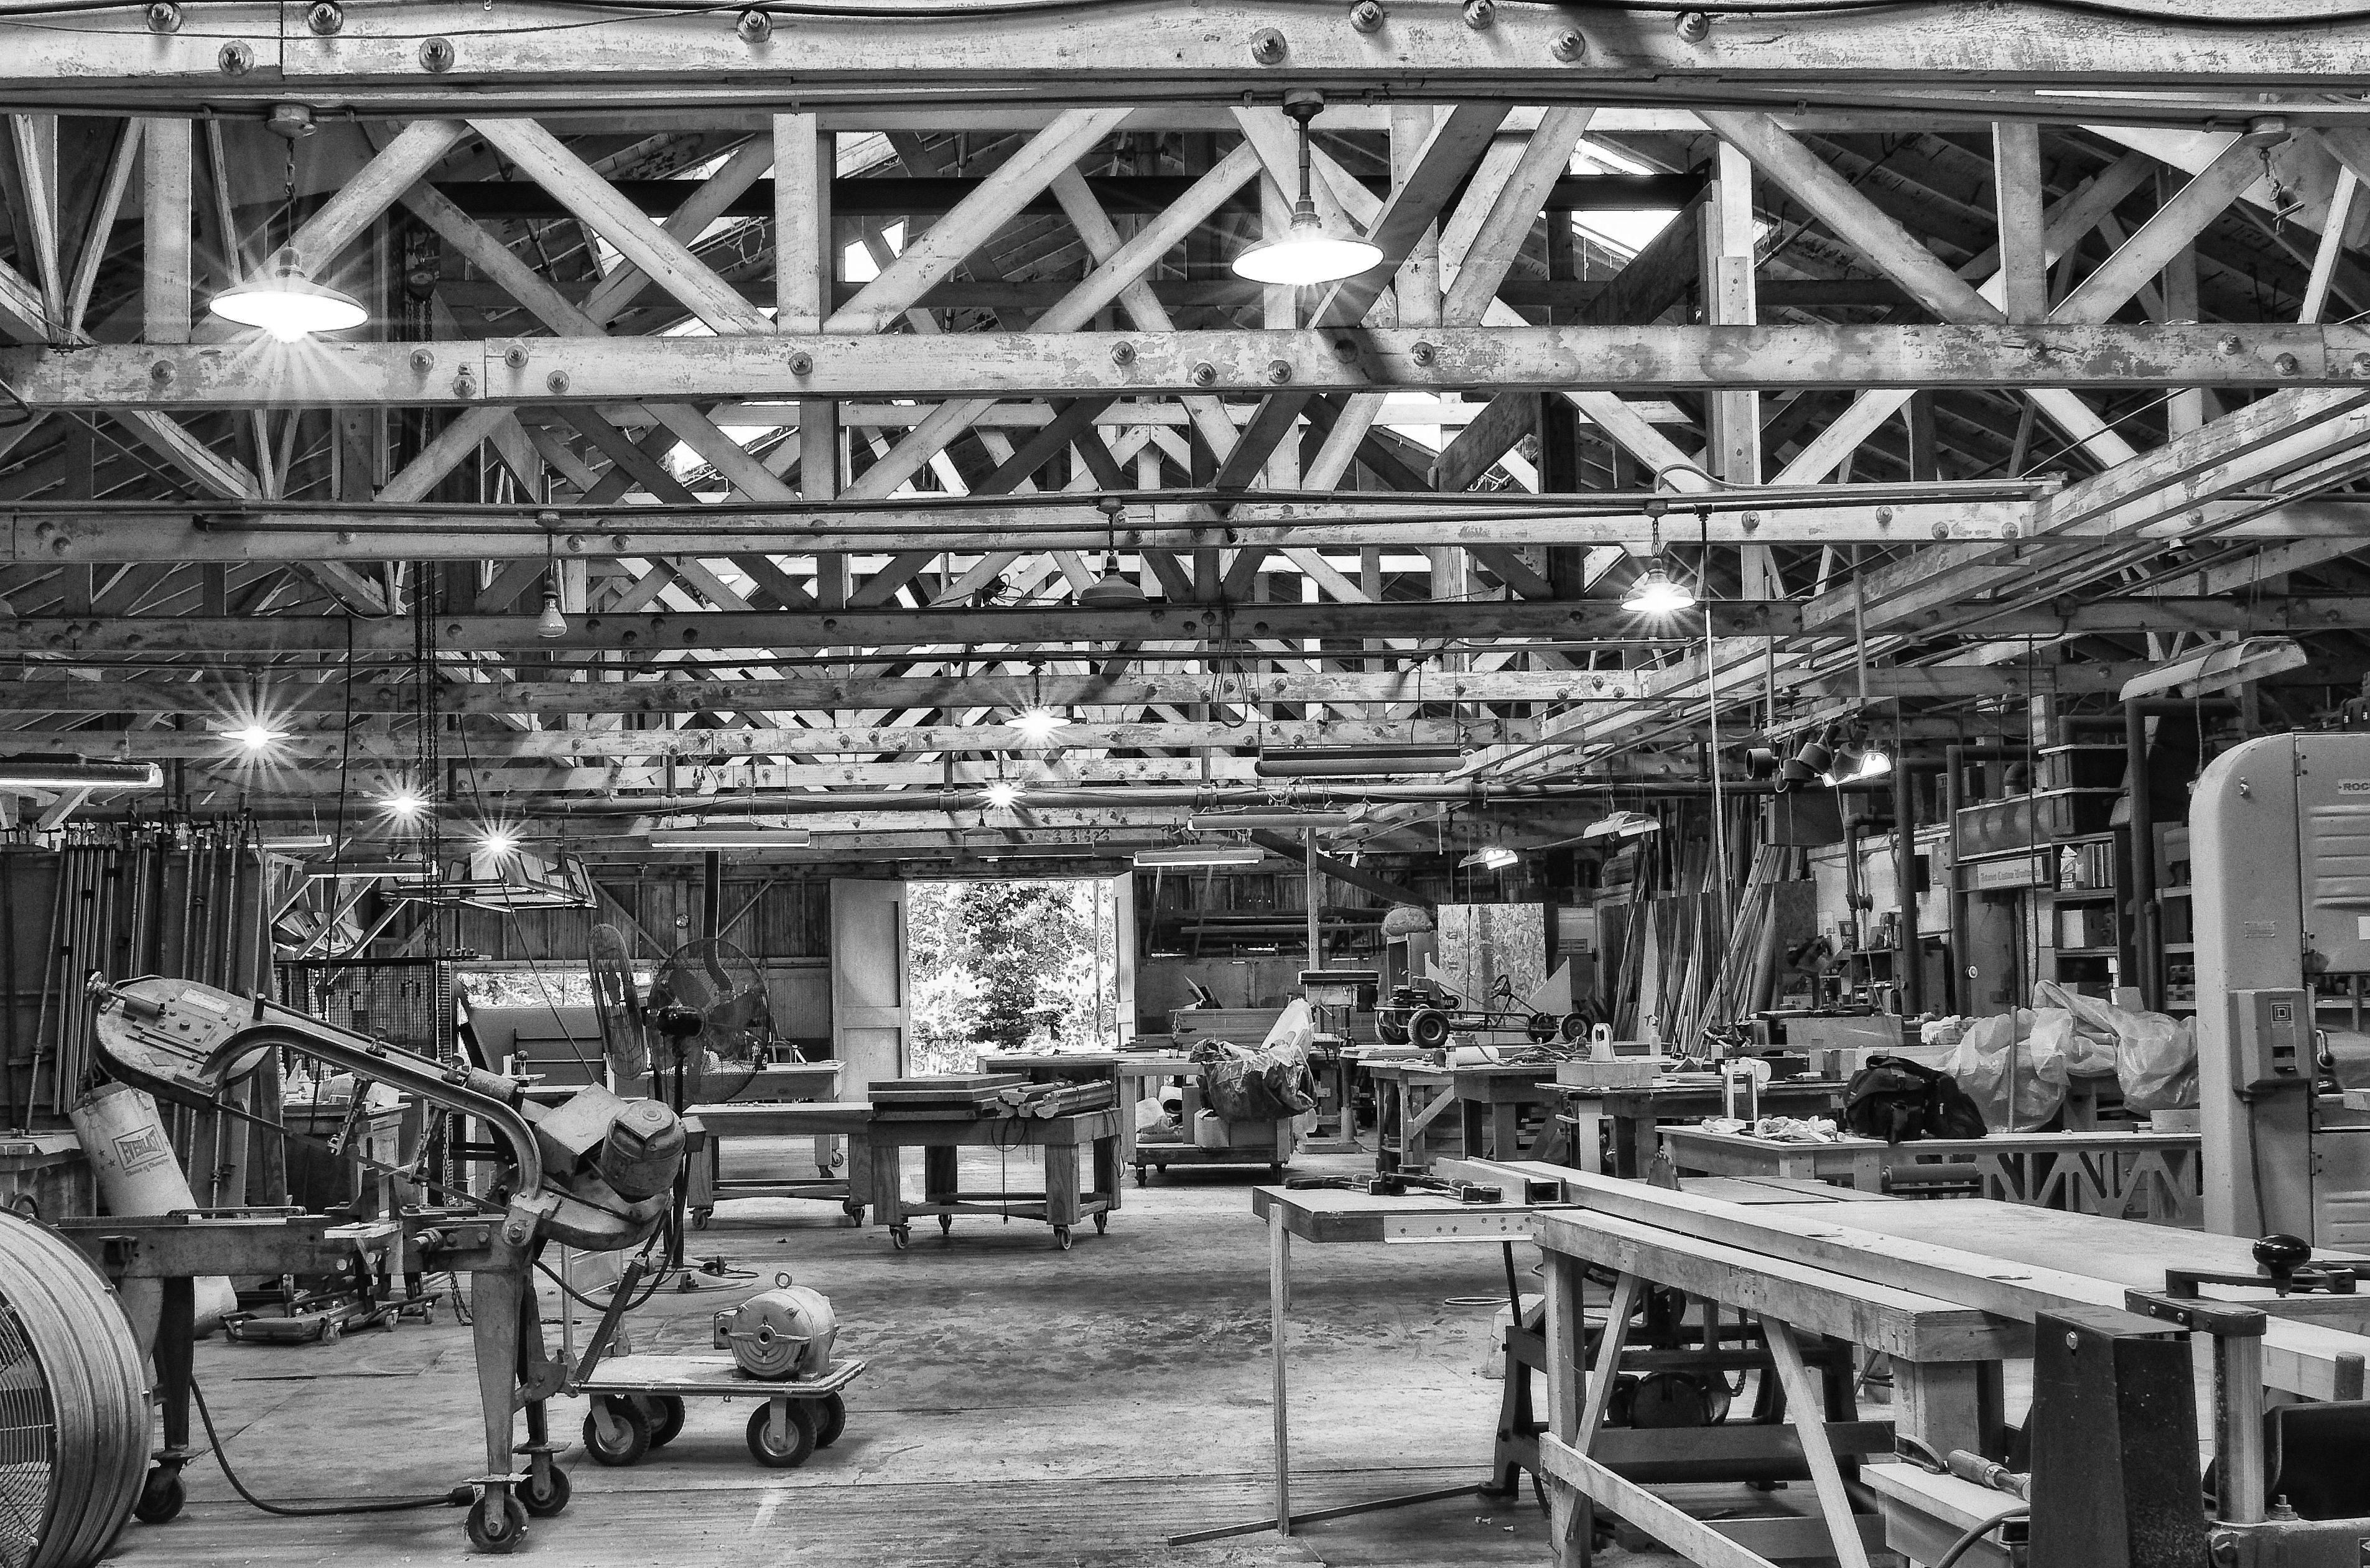 Phoenix Rising Wood Shop